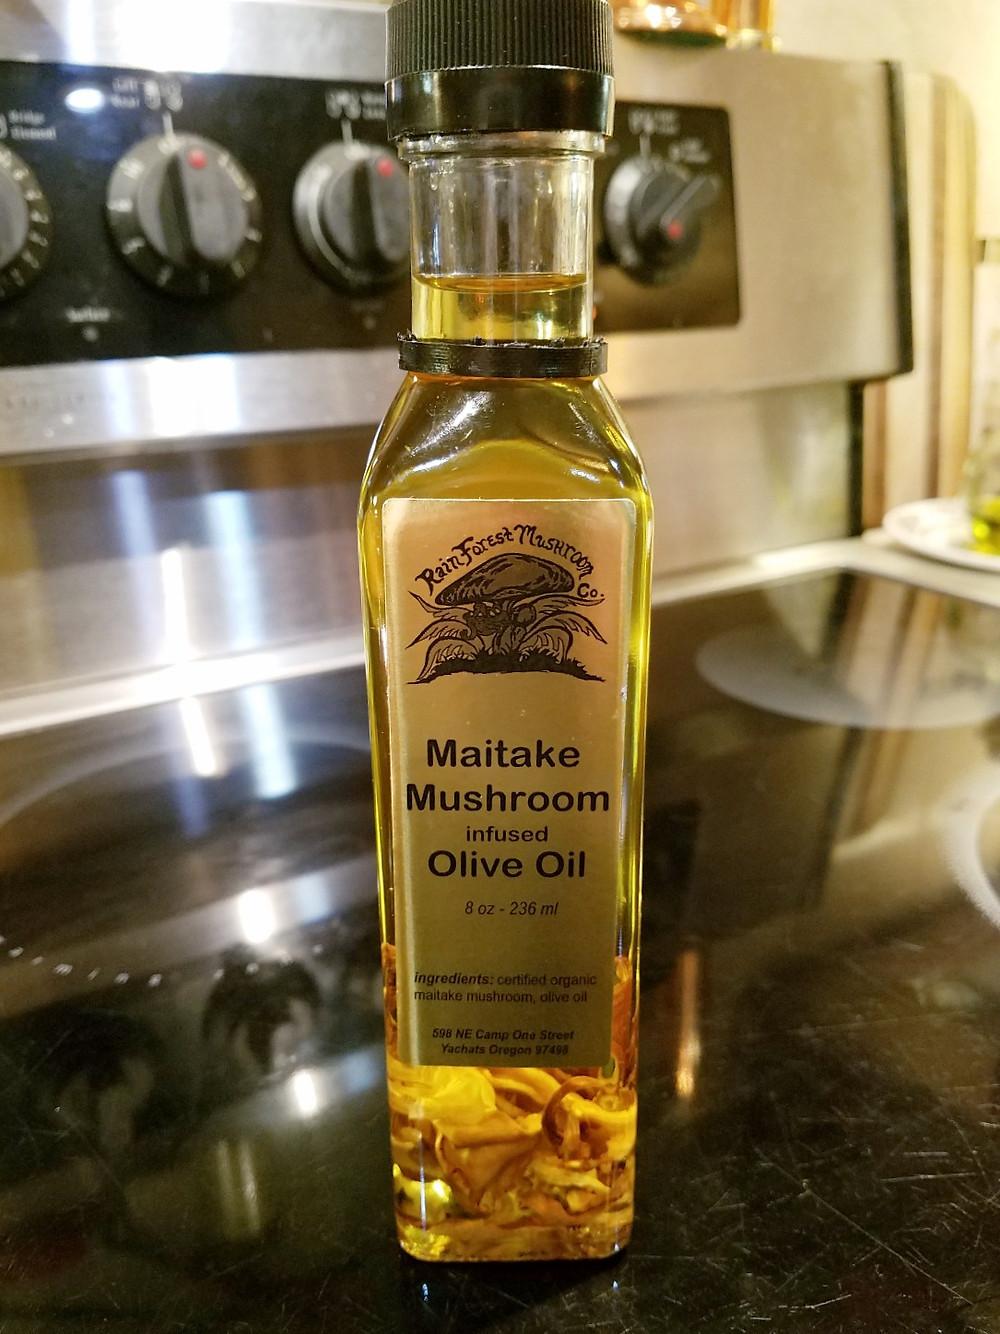 Maitake Mushroom Oil